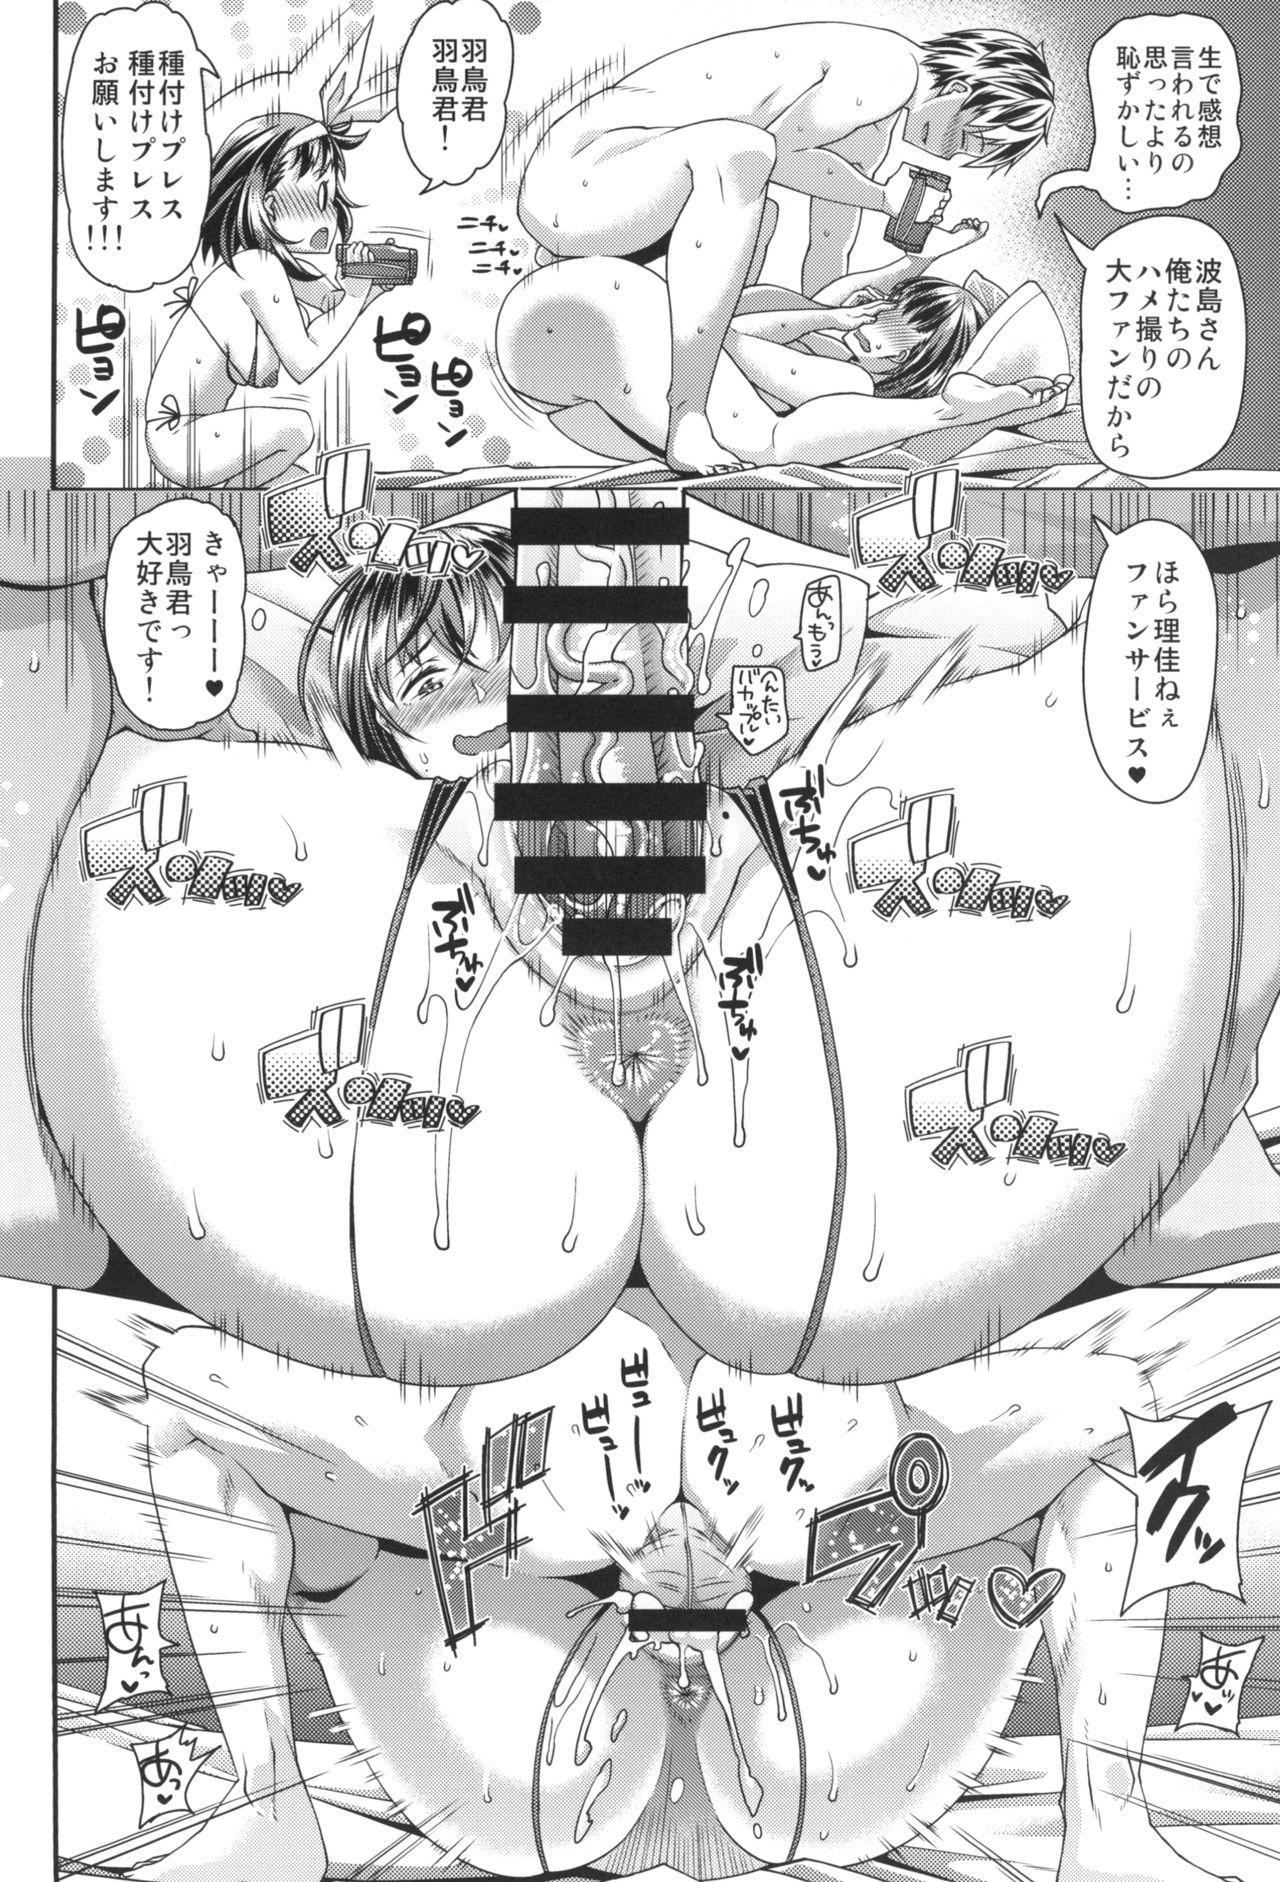 HAMEDORI no YATSU 65